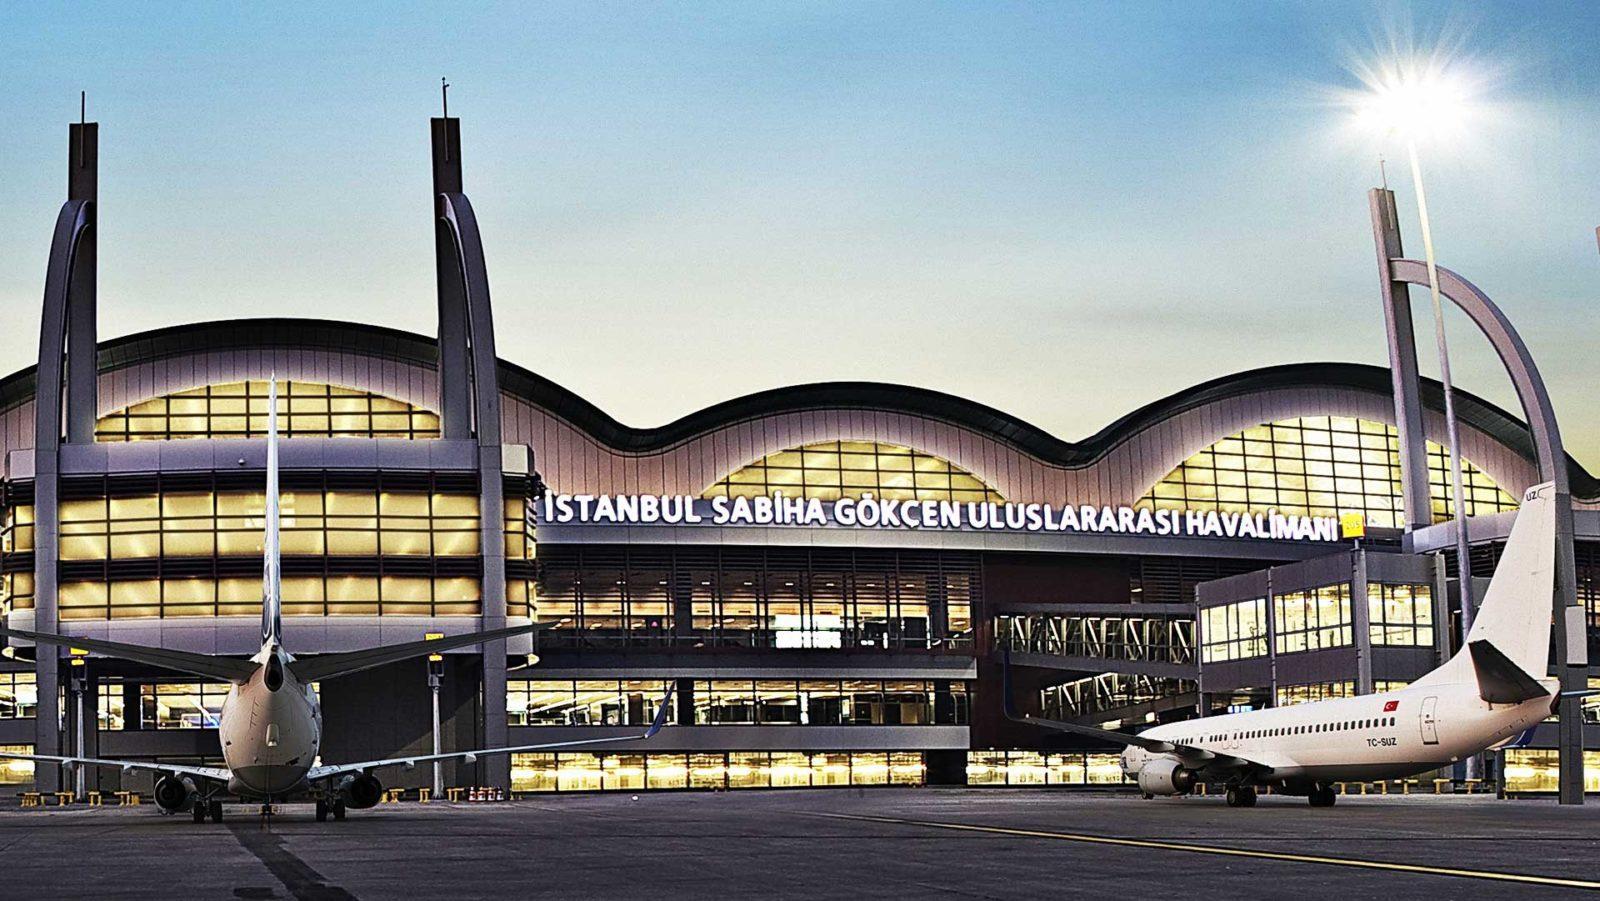 Аивбаилеты Москва-Стамбул